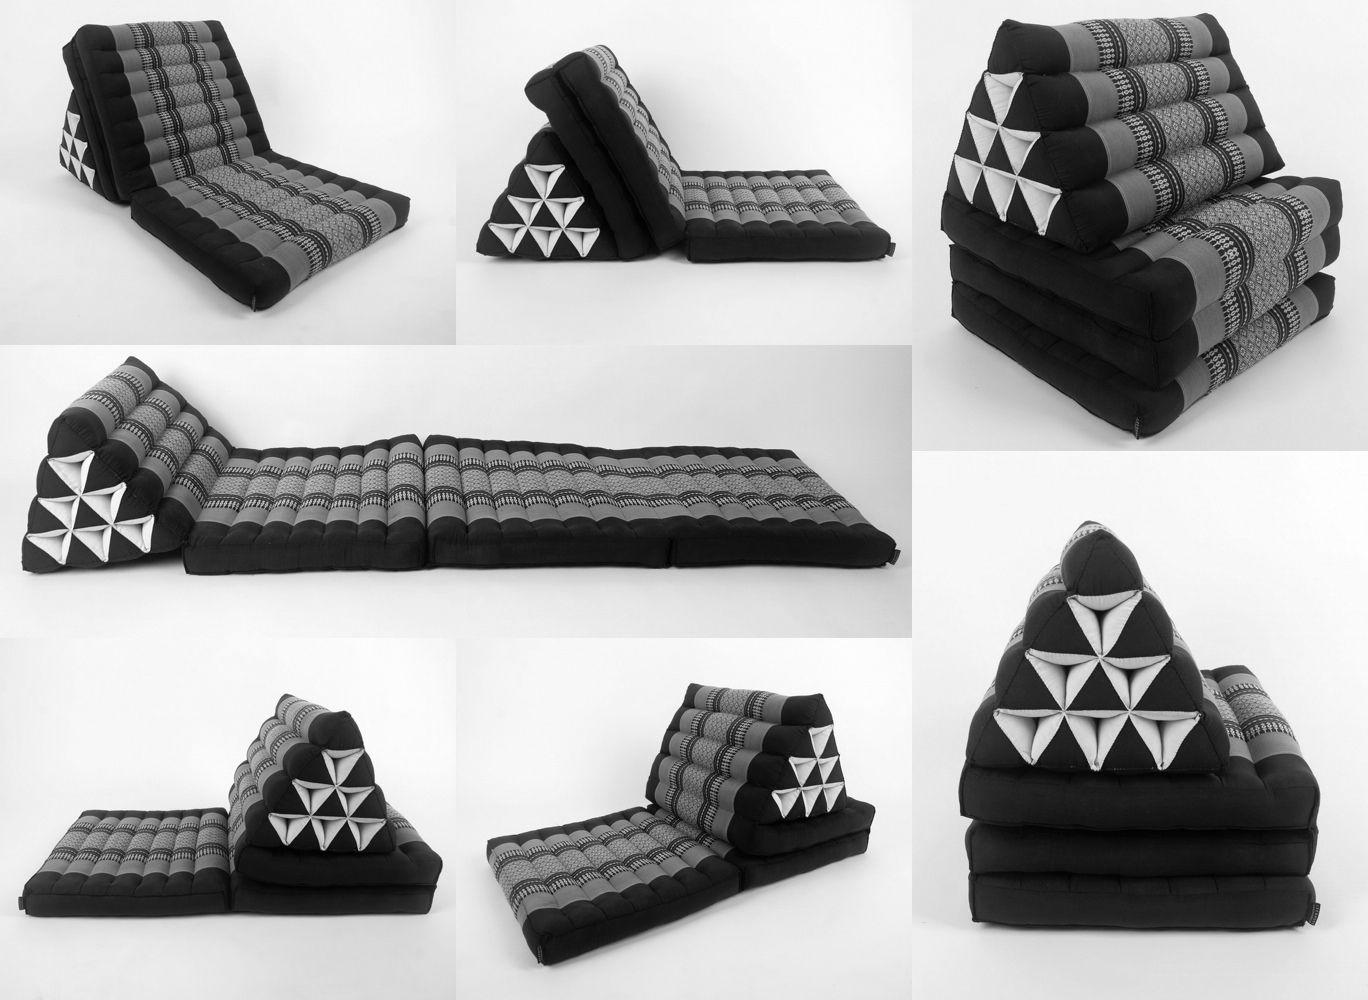 Thai Outdoor Cushion Mattress Cushion Thai Decor Triangle Pillow